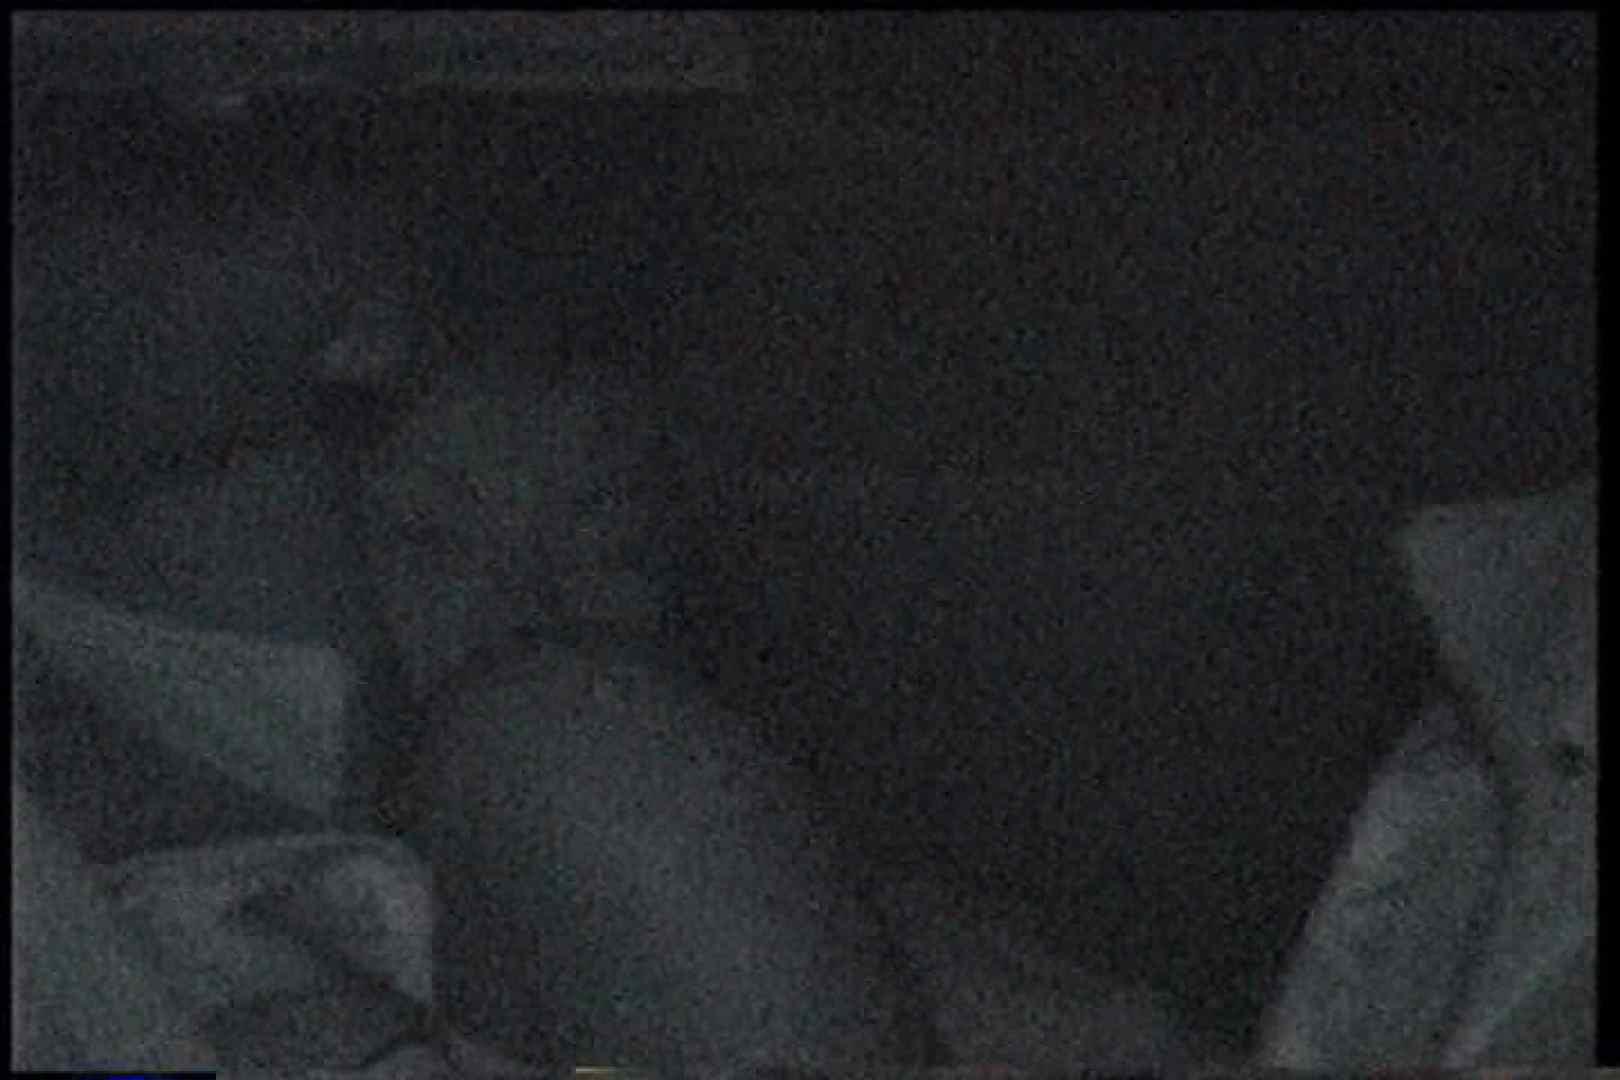 充血監督の深夜の運動会Vol.217 カップル盗撮 | エロティックなOL  72画像 19